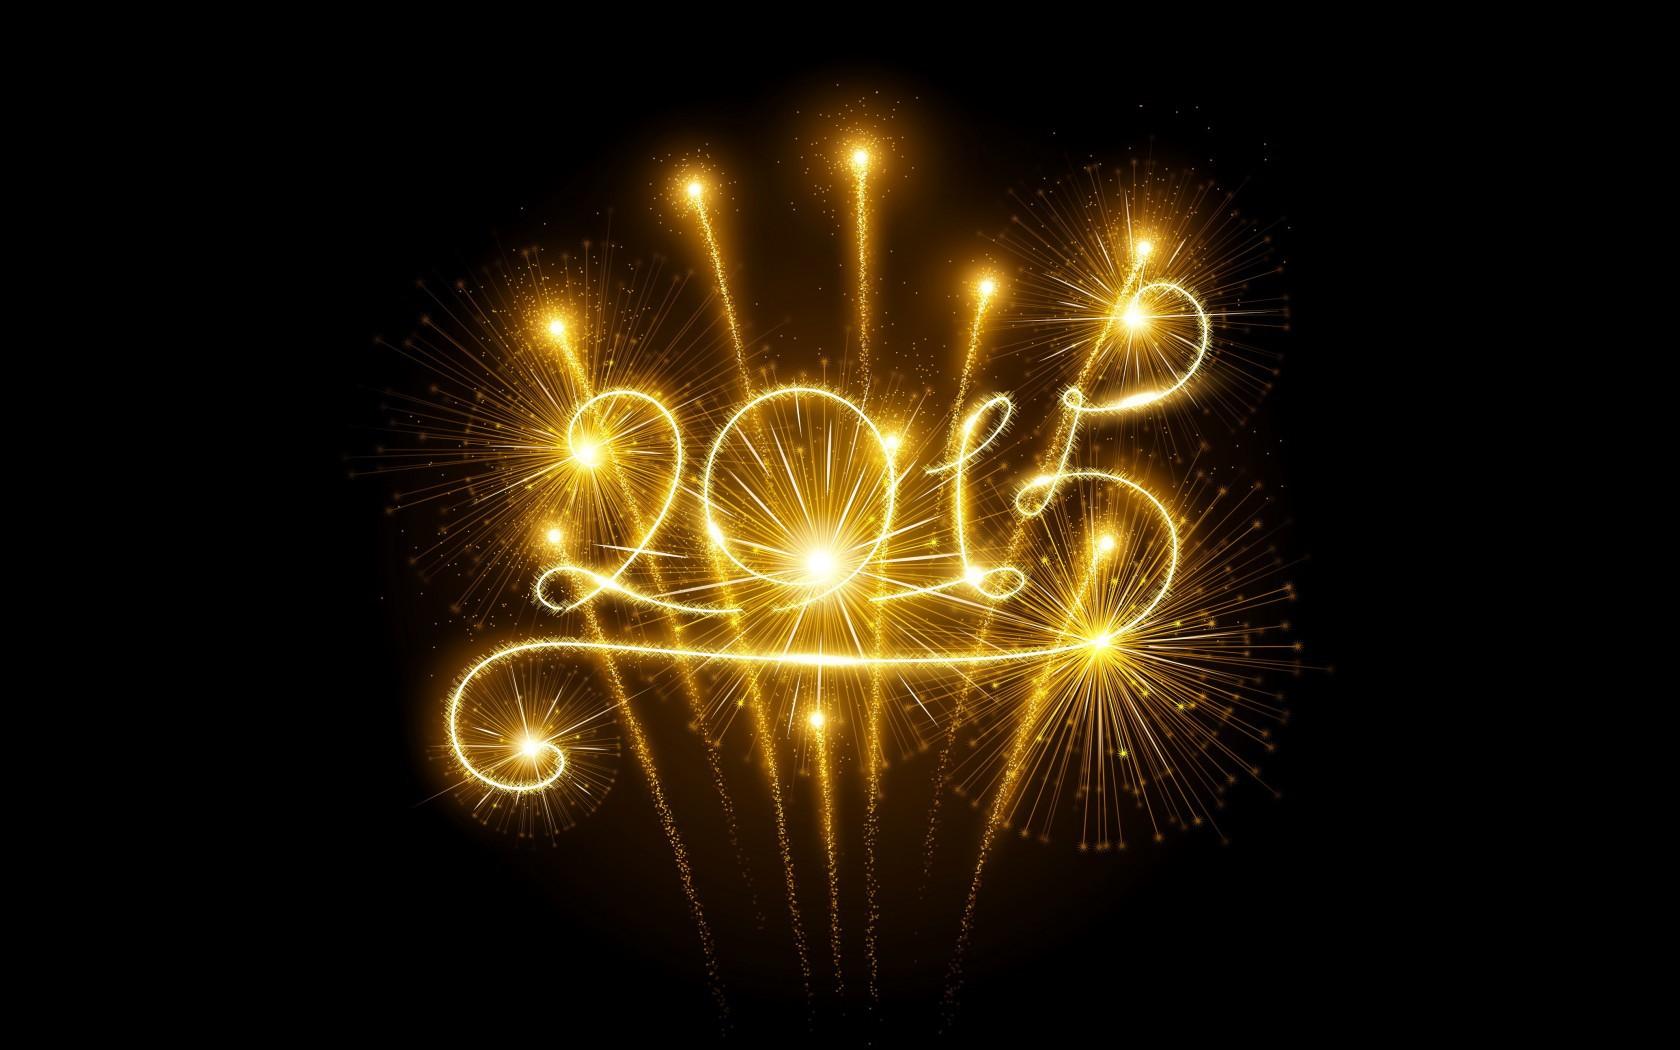 Best Fireworks 2015 Wallpaper Desktop Wallpaper with 1680x1050 1680x1050